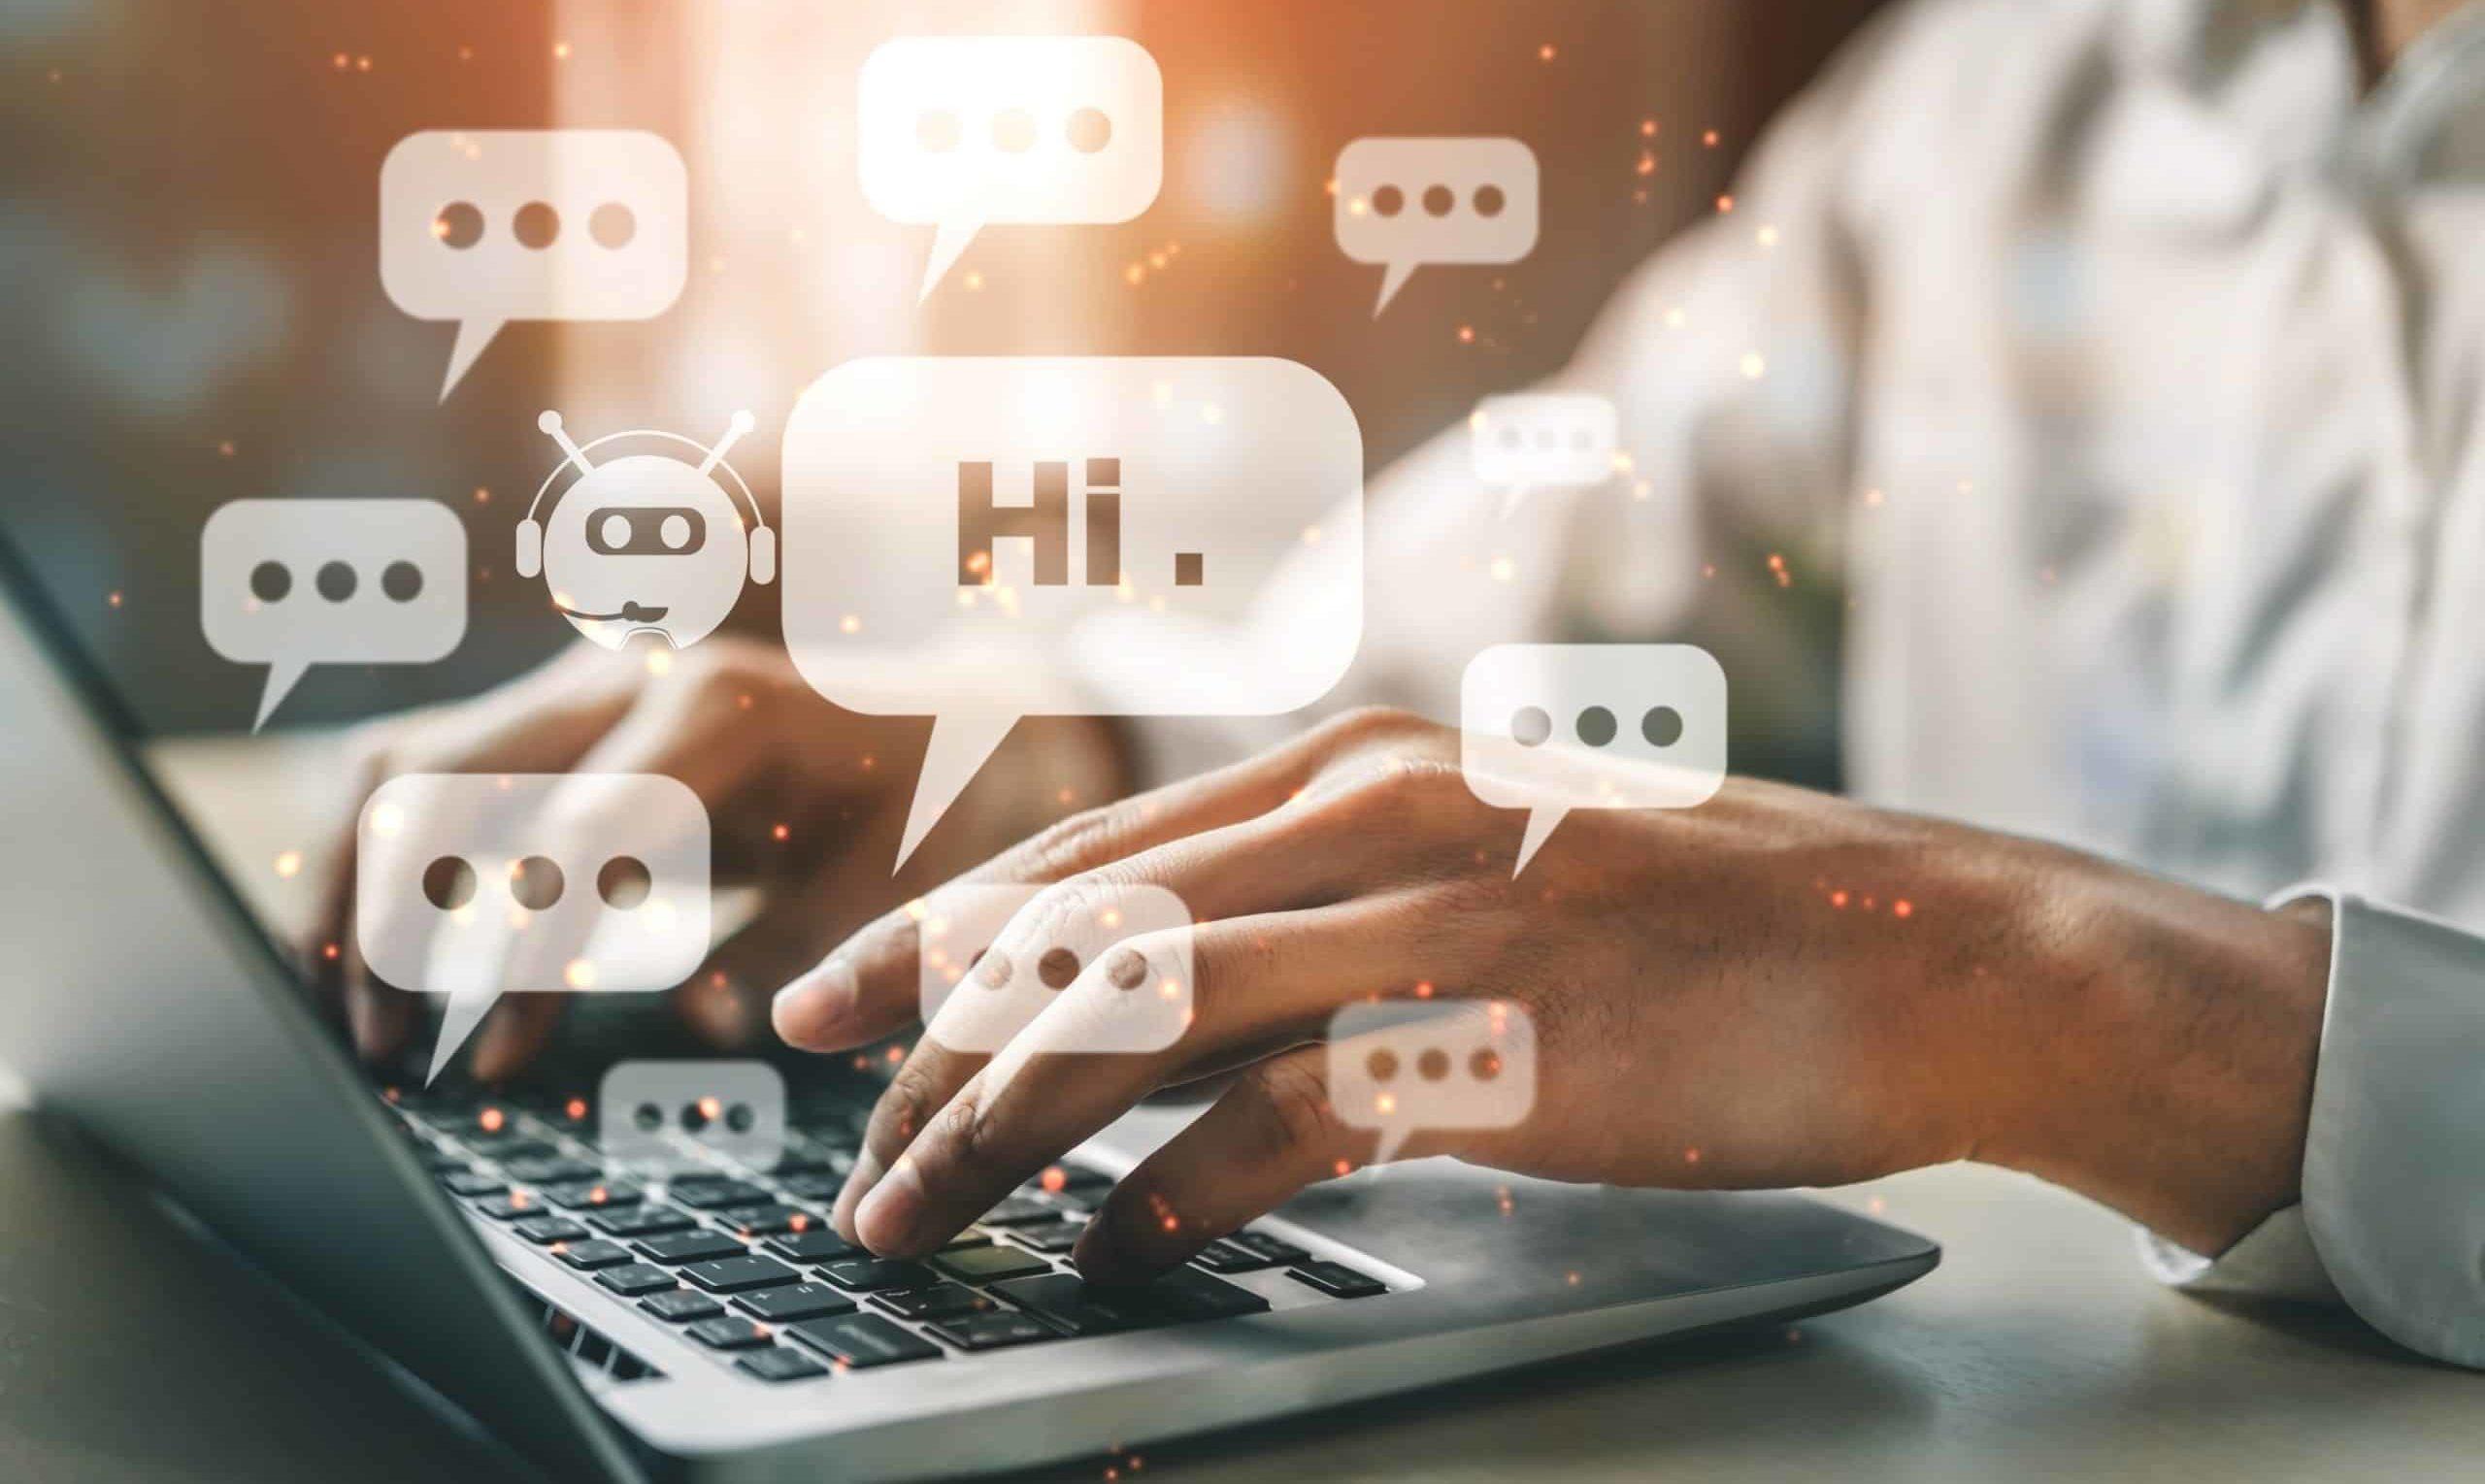 human to machine communication